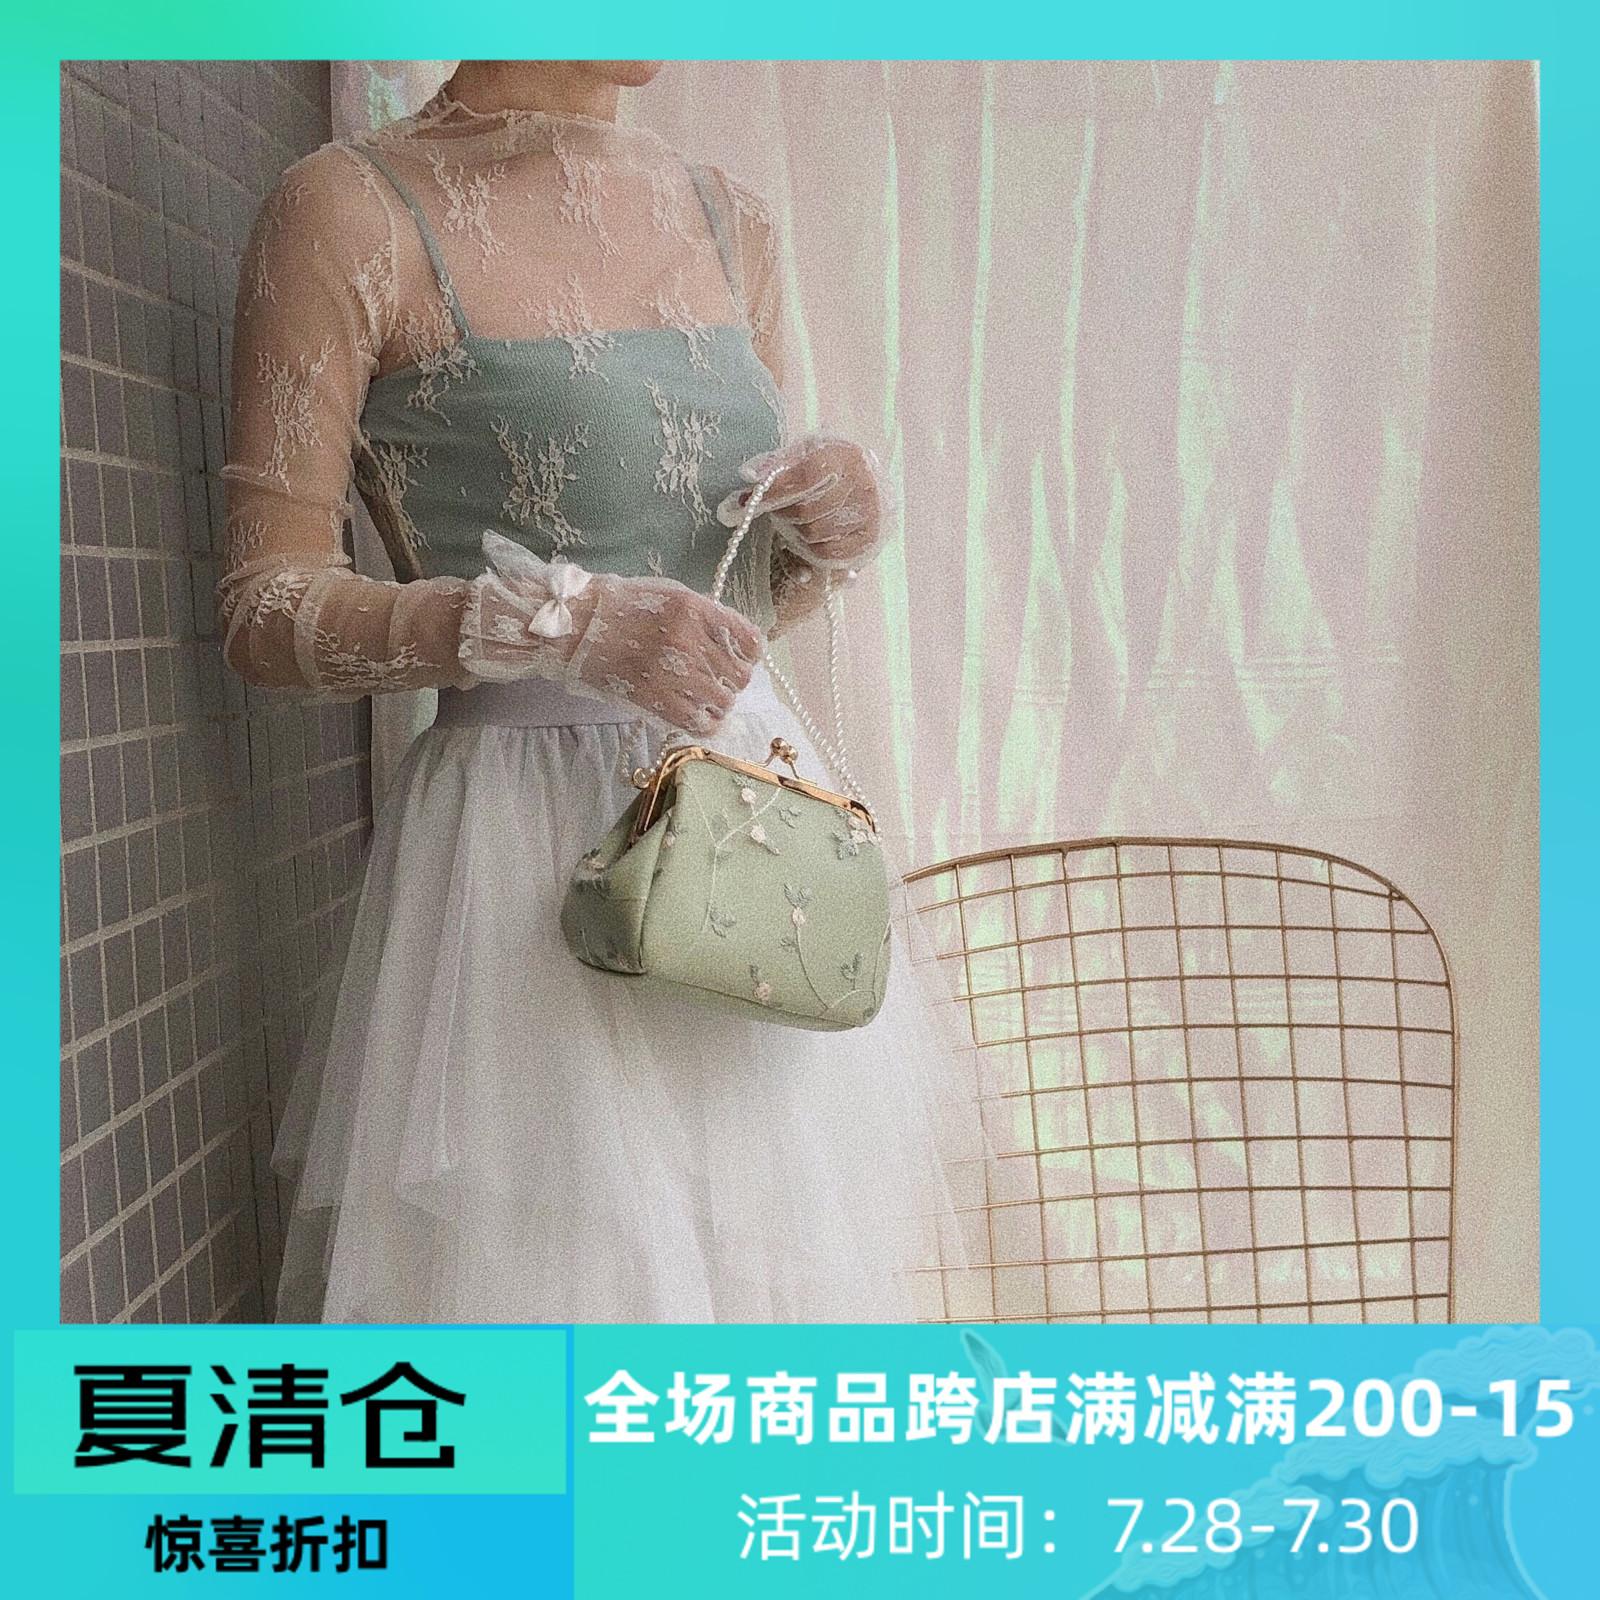 绿色复古包 复古名媛风小包包粉绿色蕾丝刺绣夹子包珍珠斜挎小众设计感女包包_推荐淘宝好看的绿色复古包